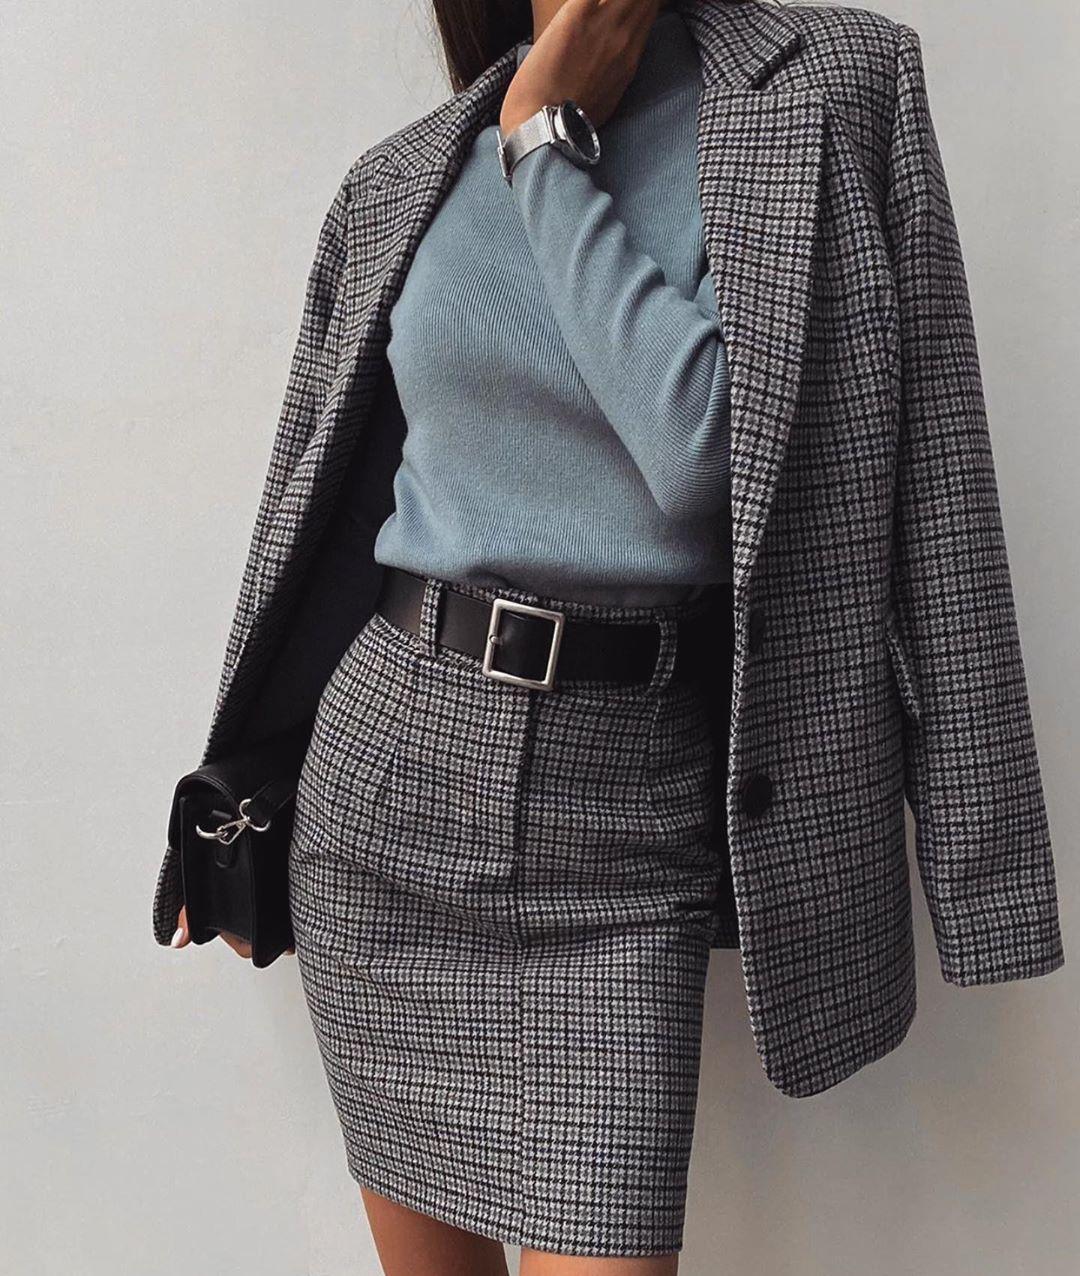 модные образы для бизнес-леди зимы 2020 фото 7